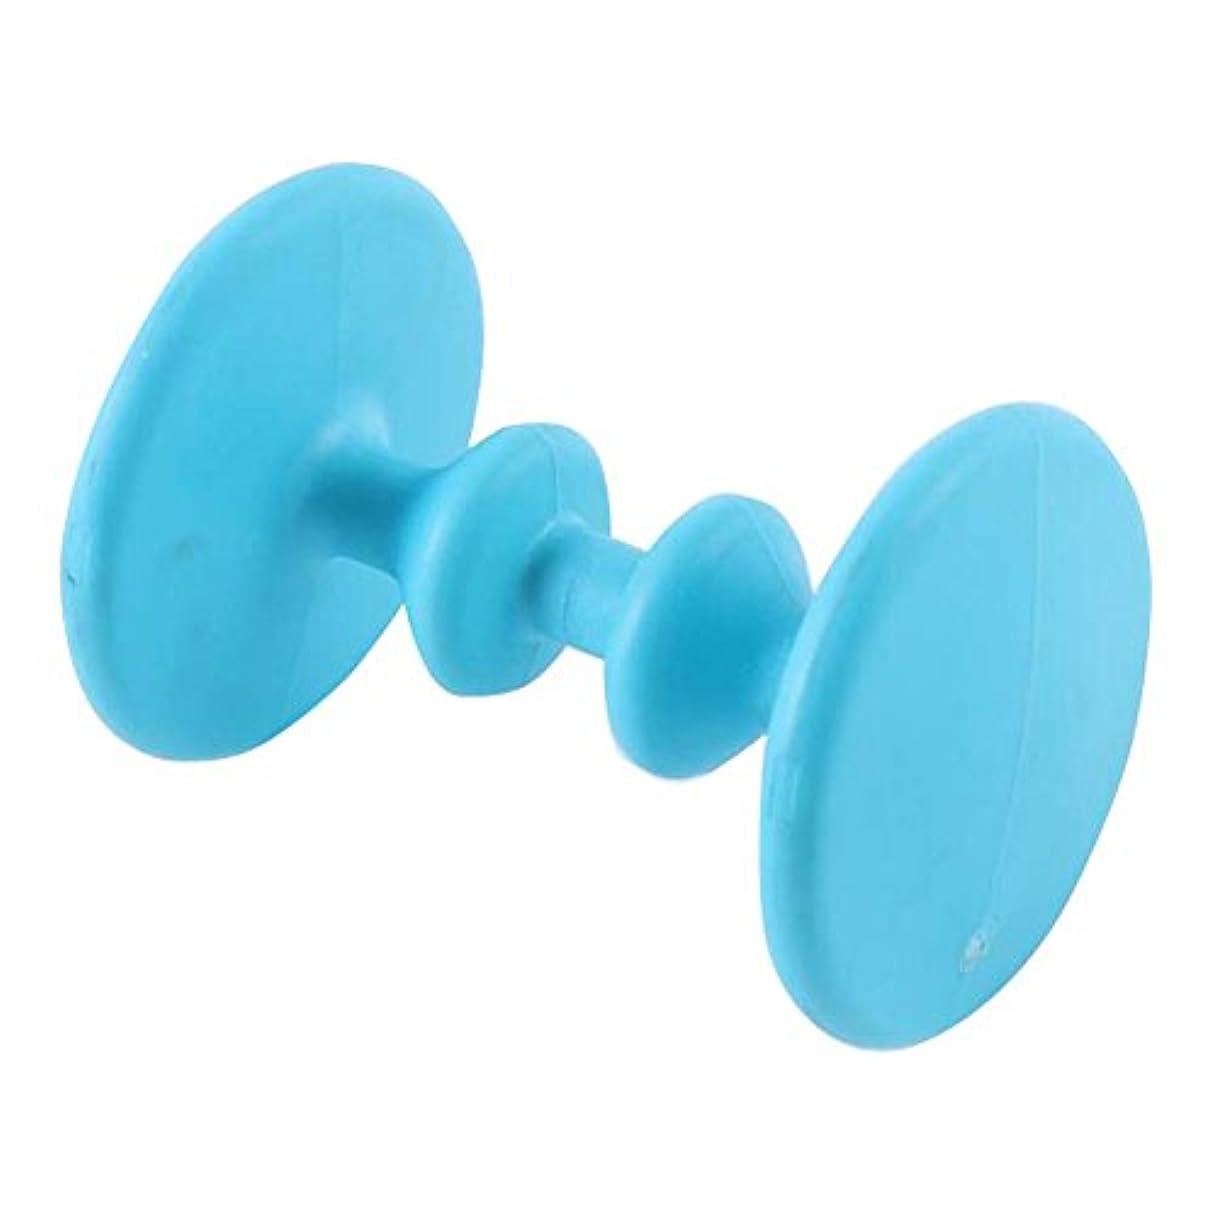 ローマ人表示野望ローラータイプの足マッサージ足の鍼治療ポイントPlastic Massage-Blue2